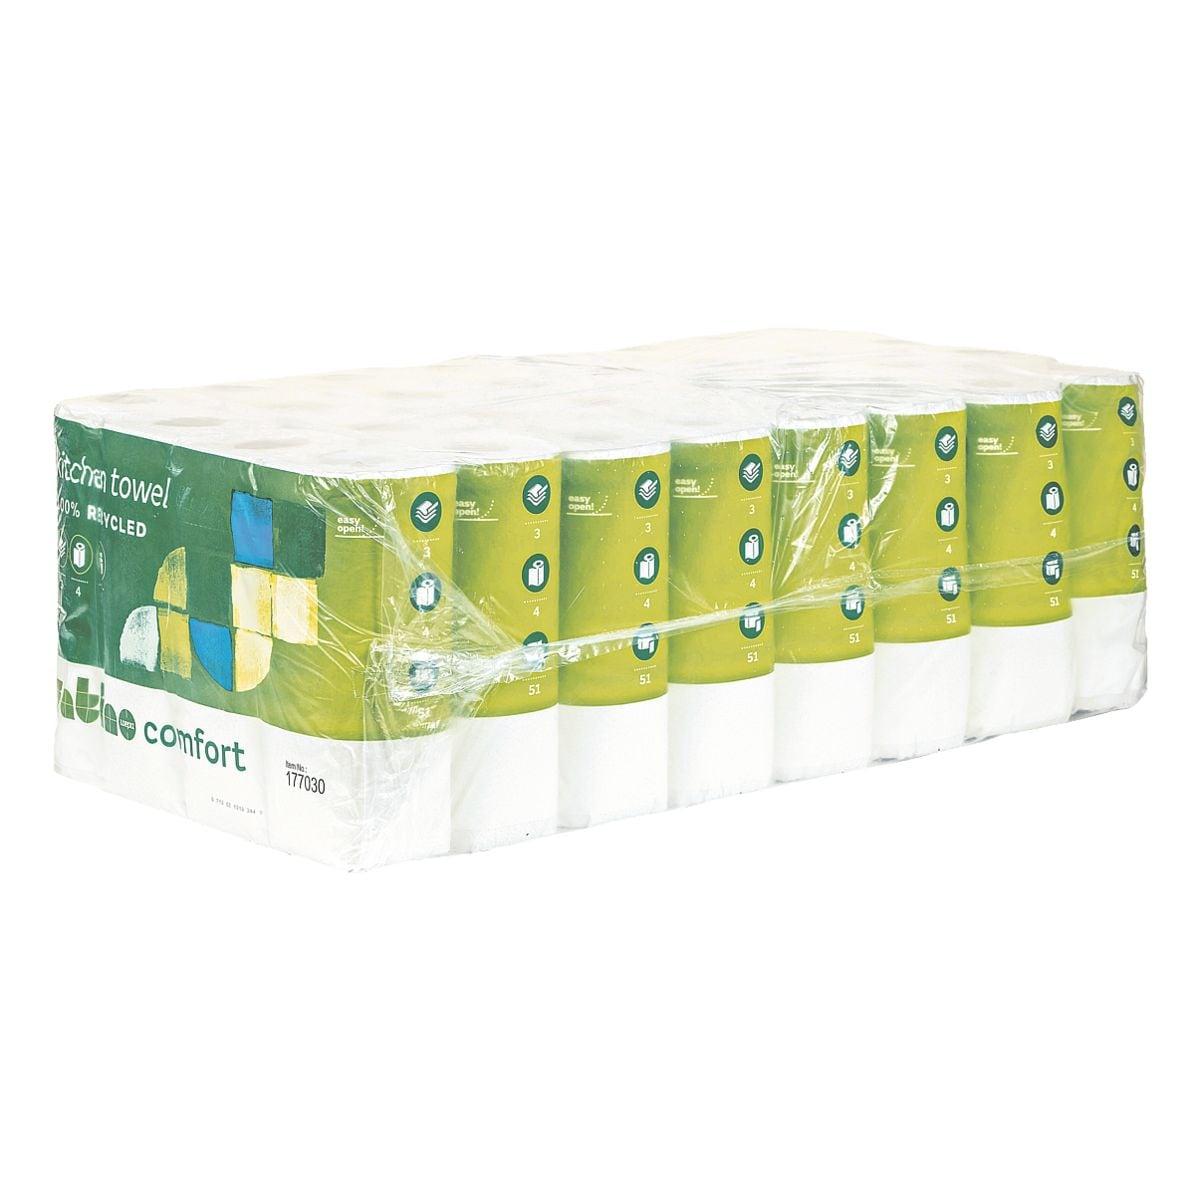 satino comfort Rouleaux d'essuie-tout triple épaisseur, 32 rouleaux (8 paquets de 4 rouleaux)